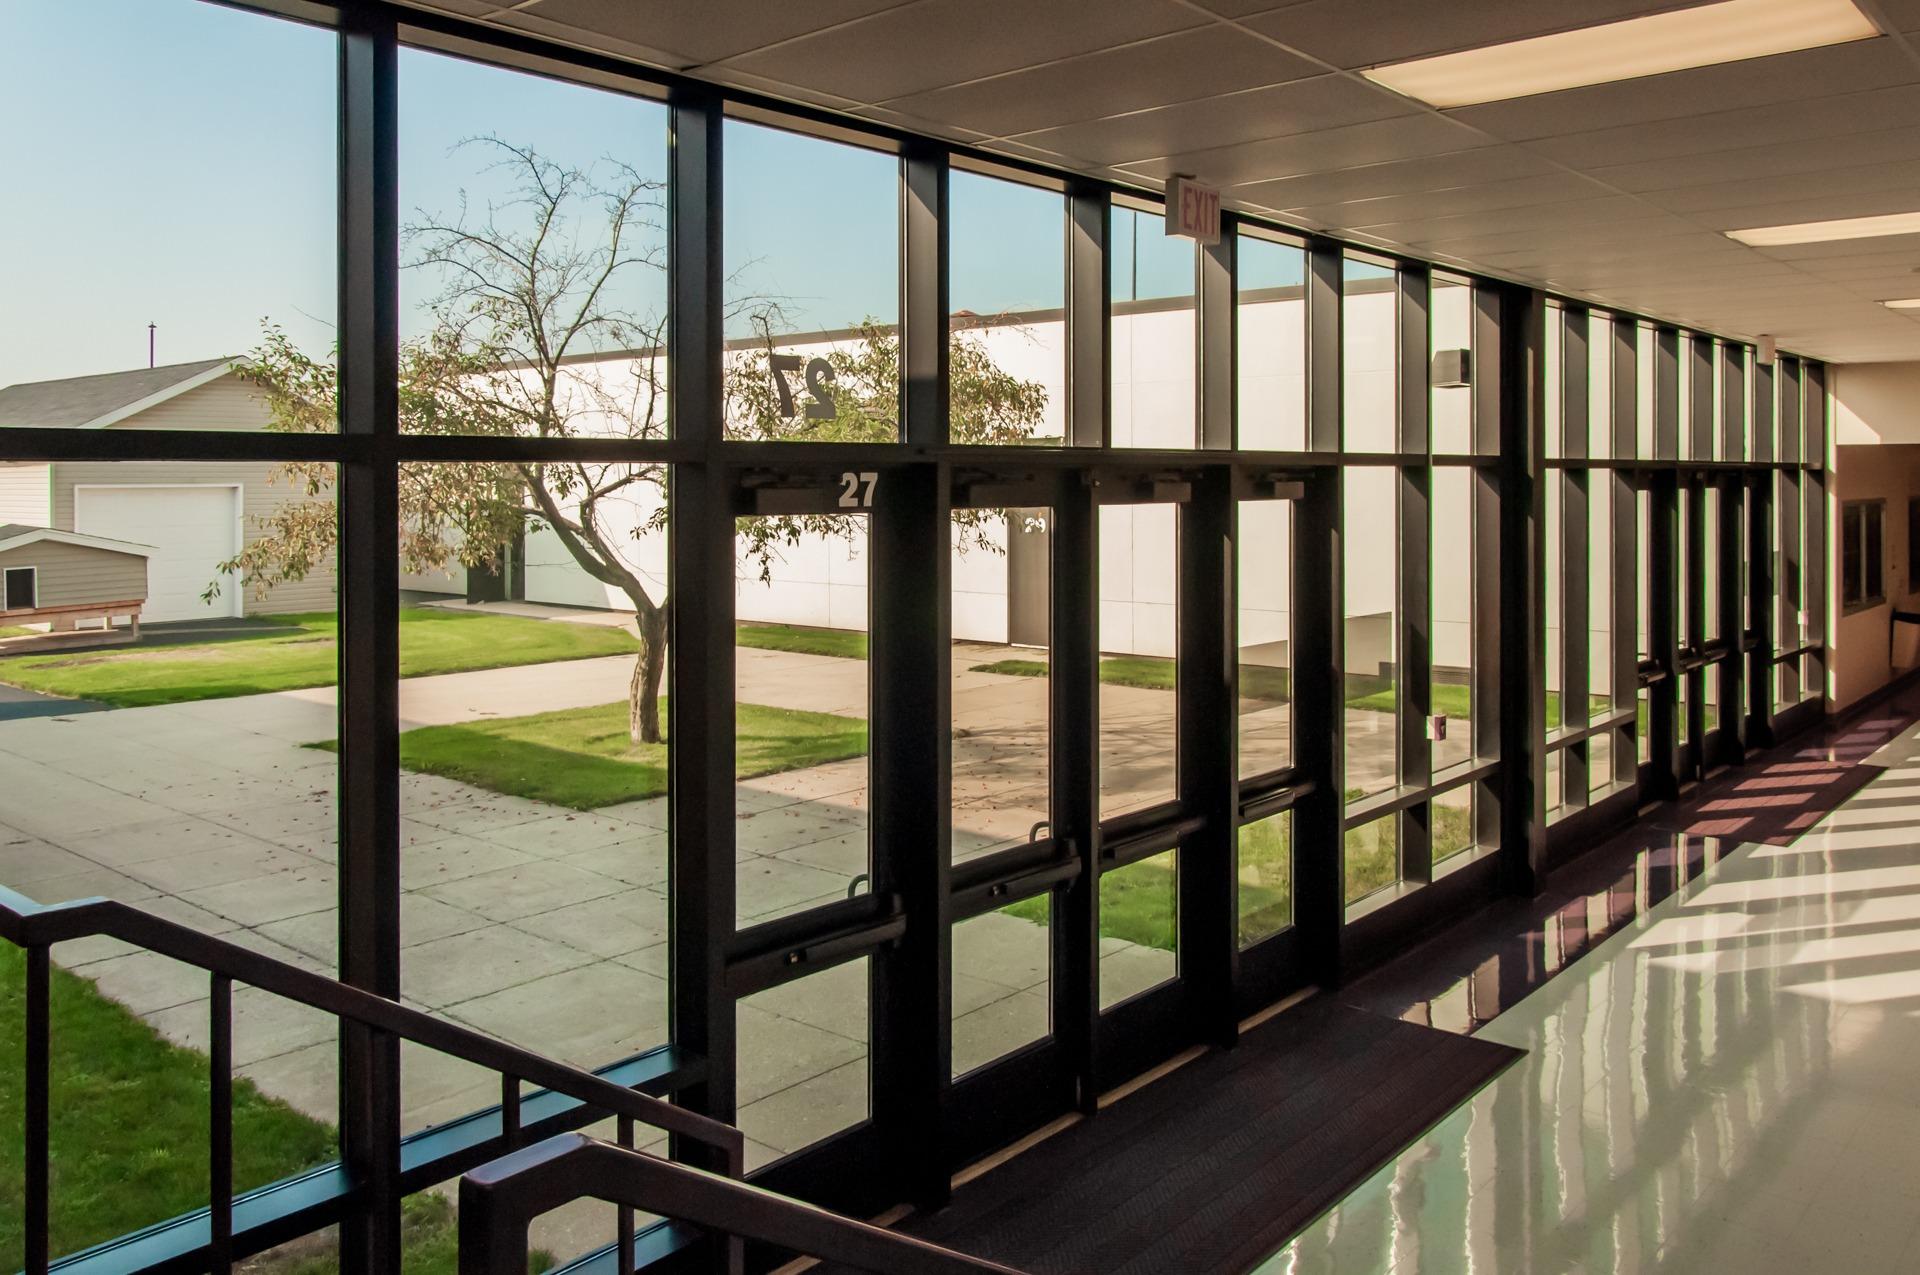 CW-2000 Cross Aluminum Curtain Wall System